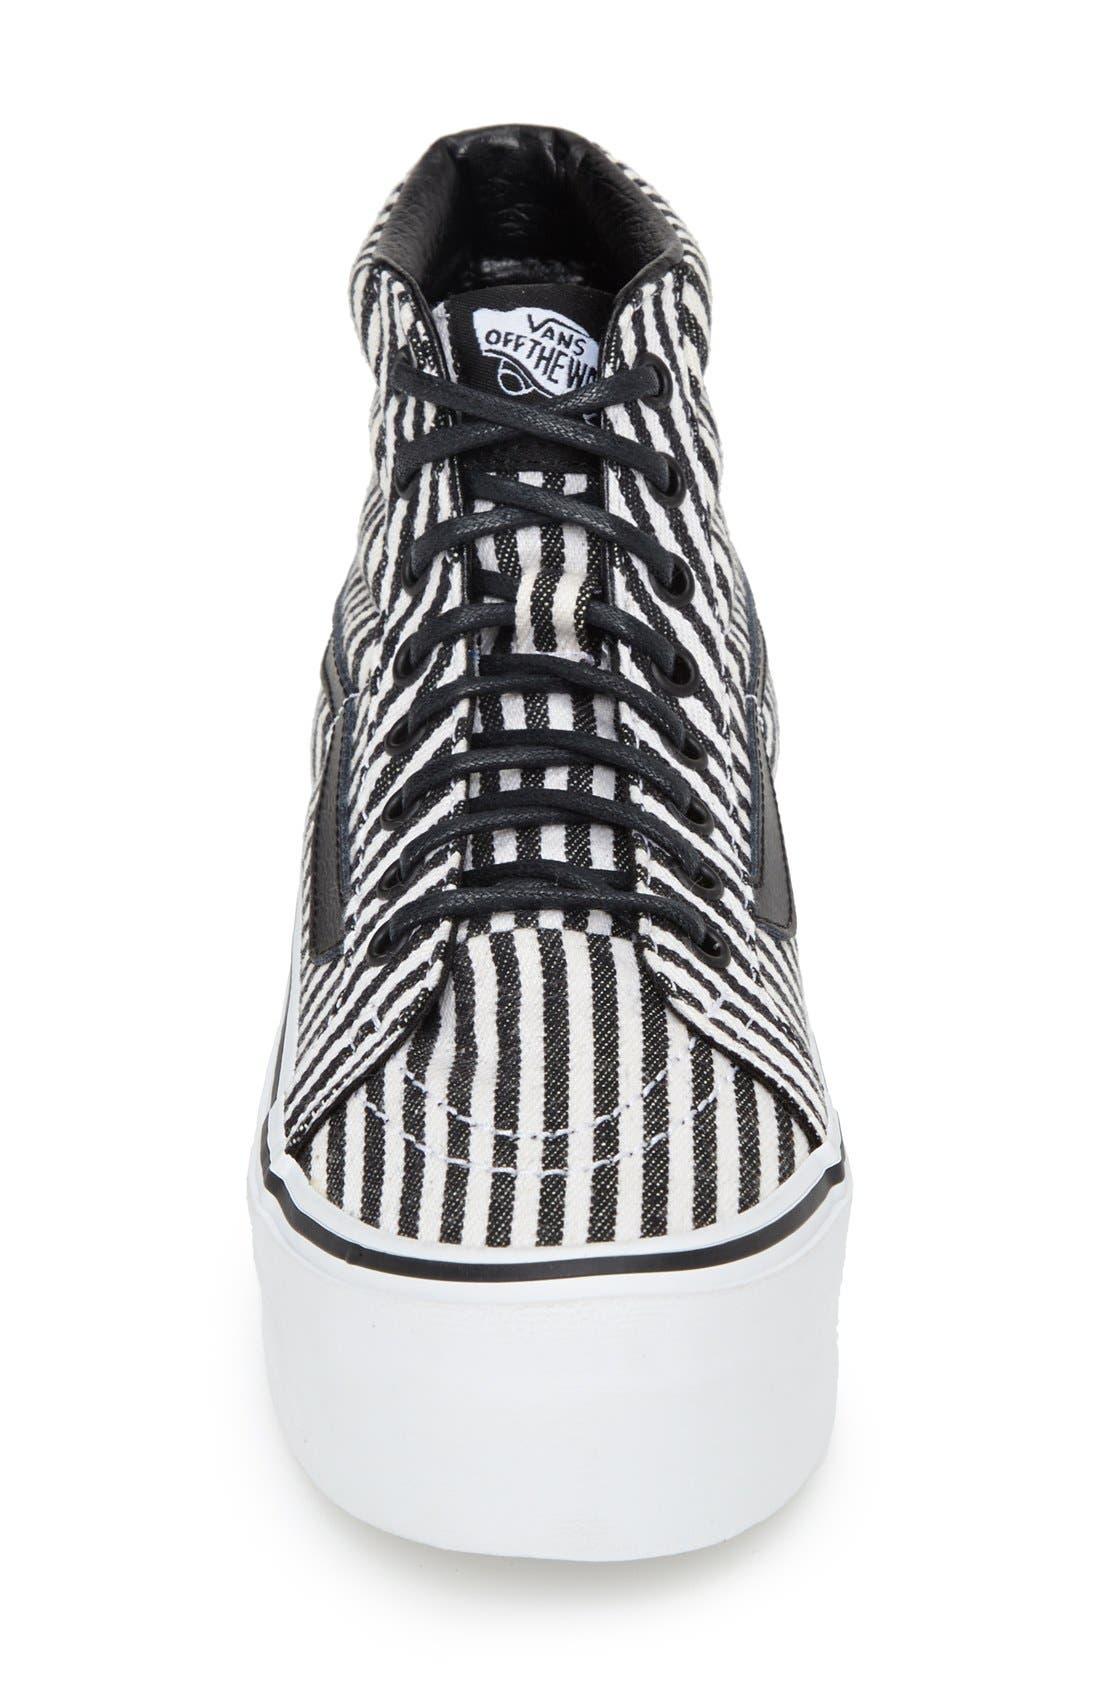 Alternate Image 3  - Vans 'Hickory Stripes Sk8-Hi Platform' Sneaker (Women)